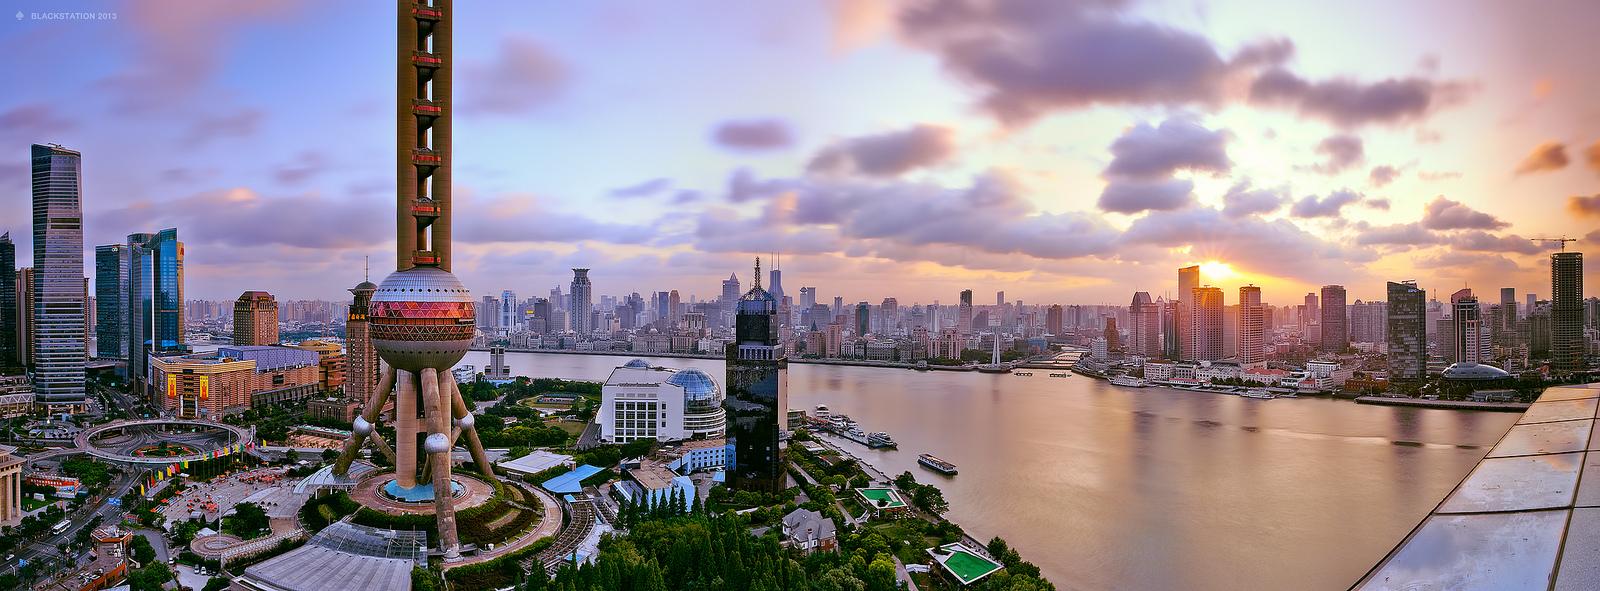 高楼林立的金融王国上海陆家嘴摄影作品